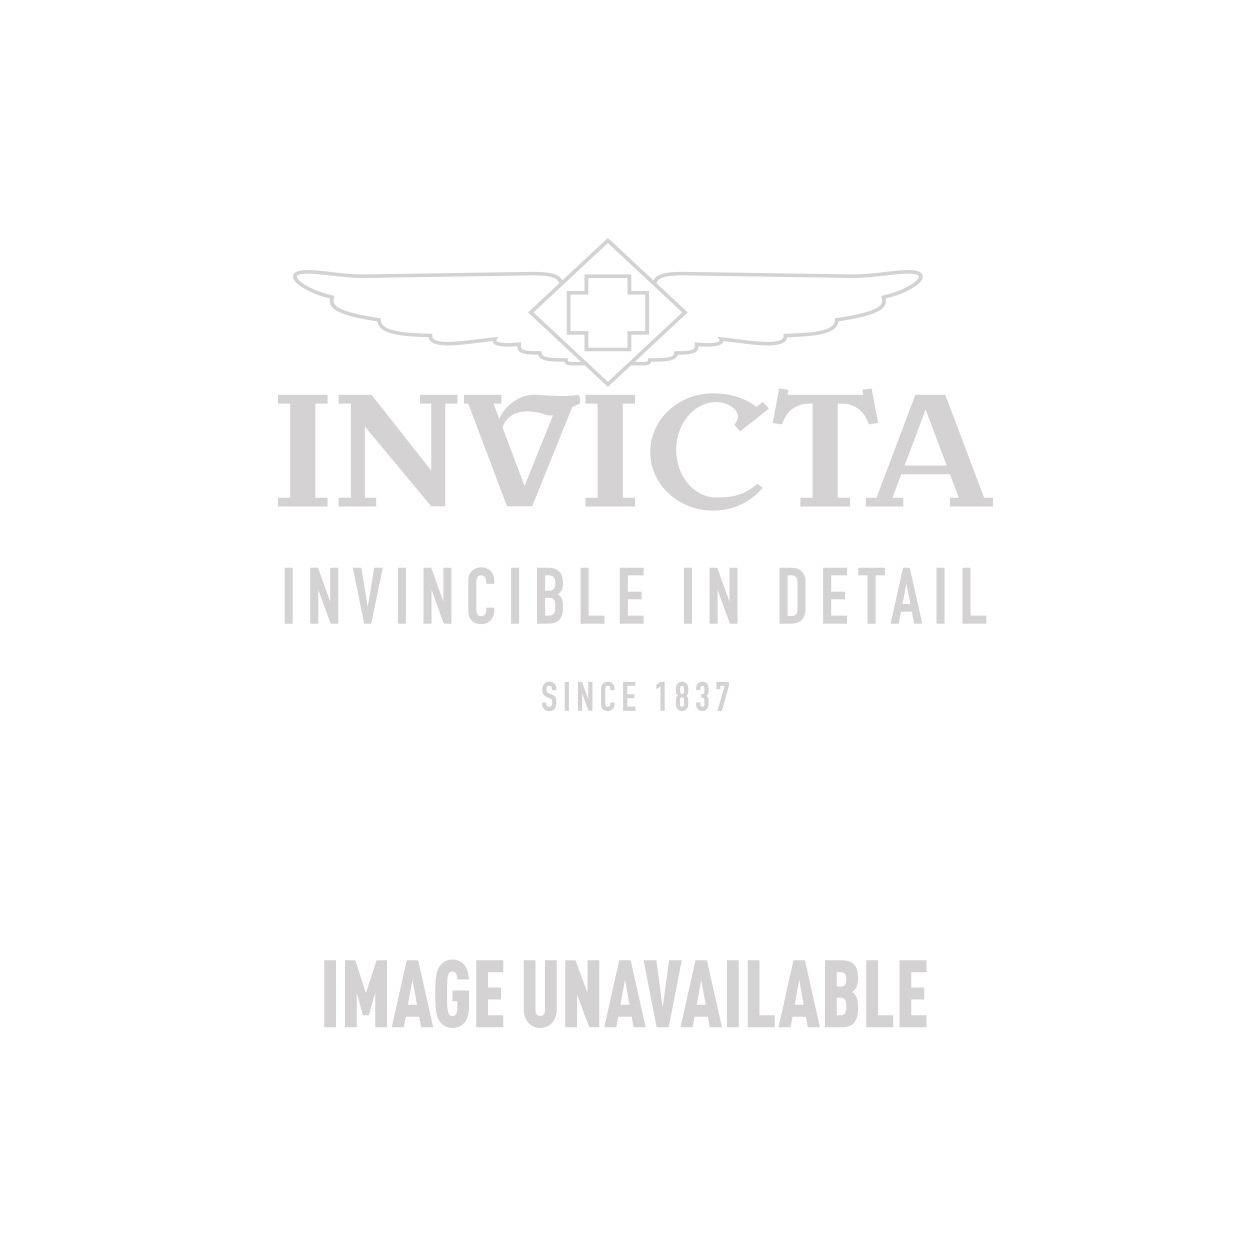 Invicta Corduba Swiss Movement Quartz Watch - Gold case with Black tone Leather band - Model 14798